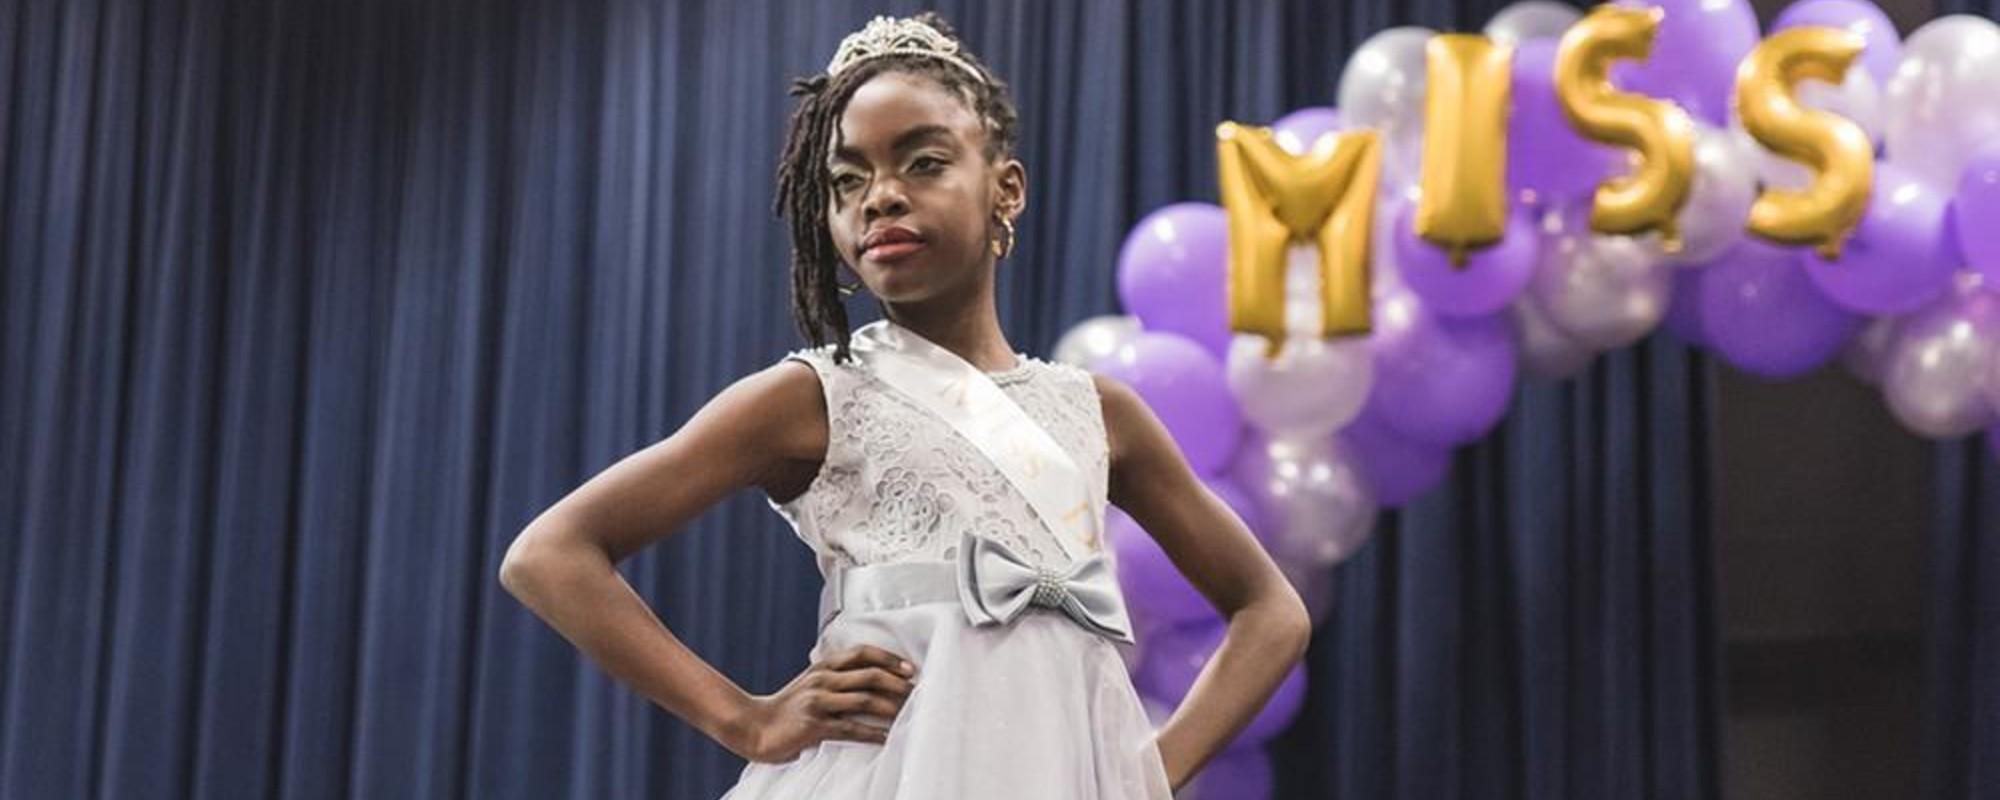 De fraai opgedirkte kandidaatjes van Little Miss Kwakoe 2016